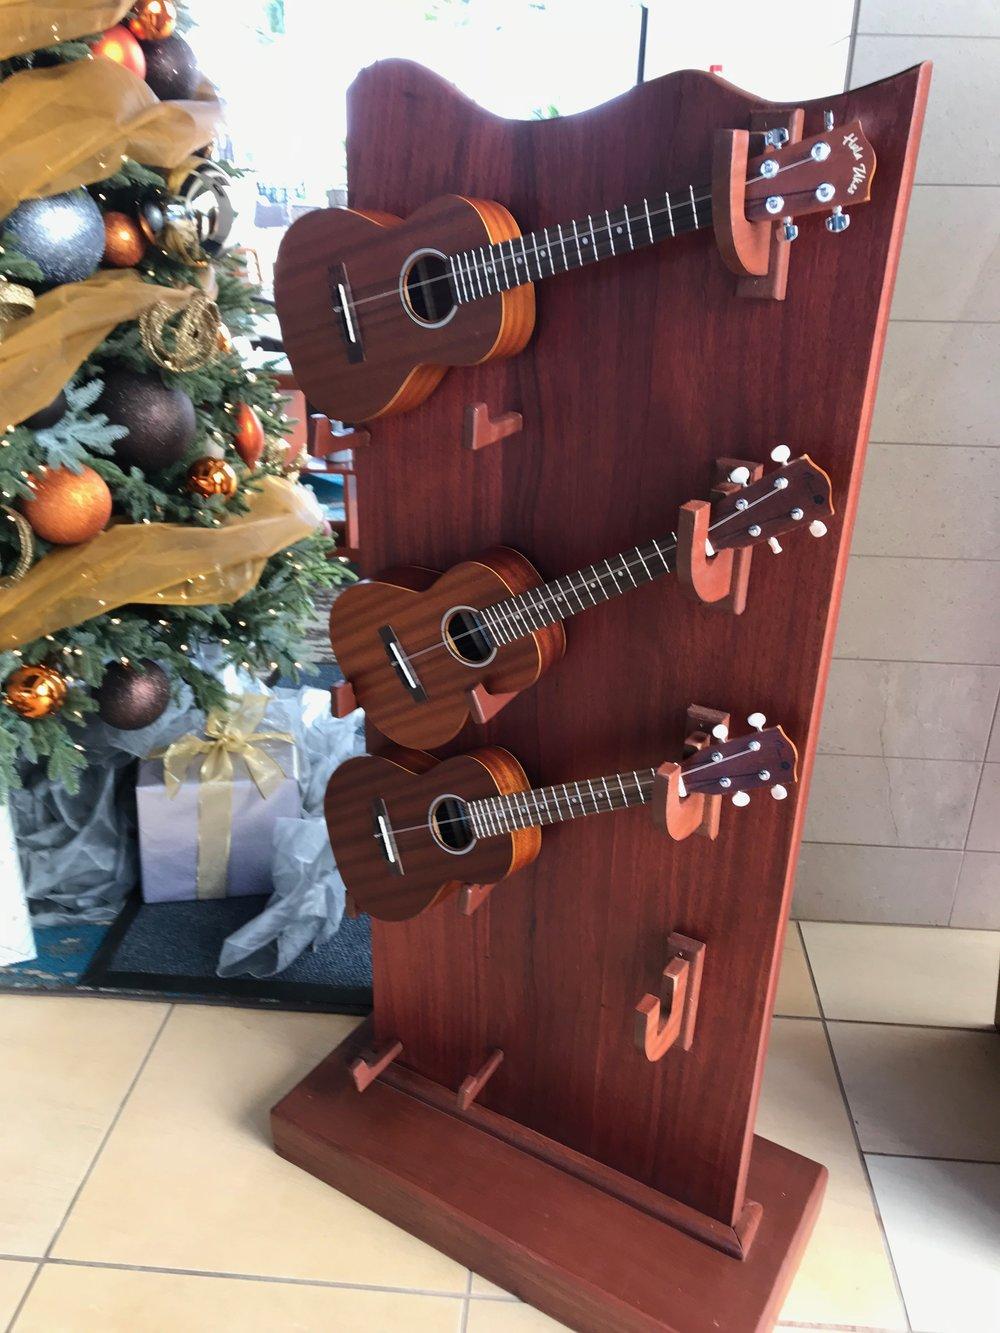 3 guitar exhibit next to Xmas tr .jpg*.jpg